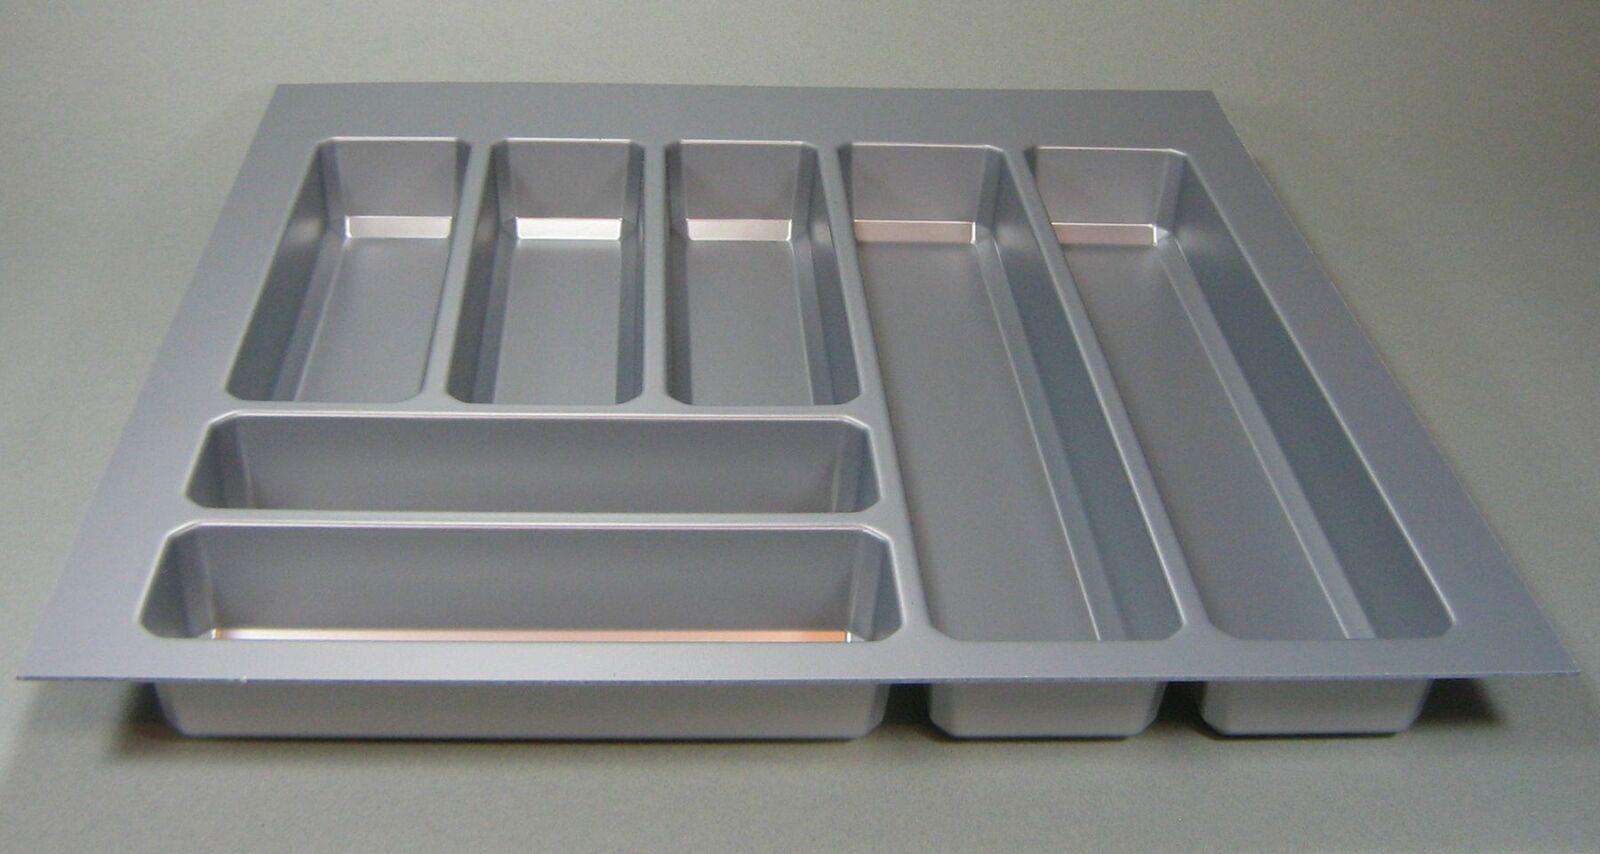 Full Size of Besteckeinsatz Kchen Schubladeneinsatz Teck 60 Cm Besteckkasten Küche Wohnzimmer Gewürze Schubladeneinsatz